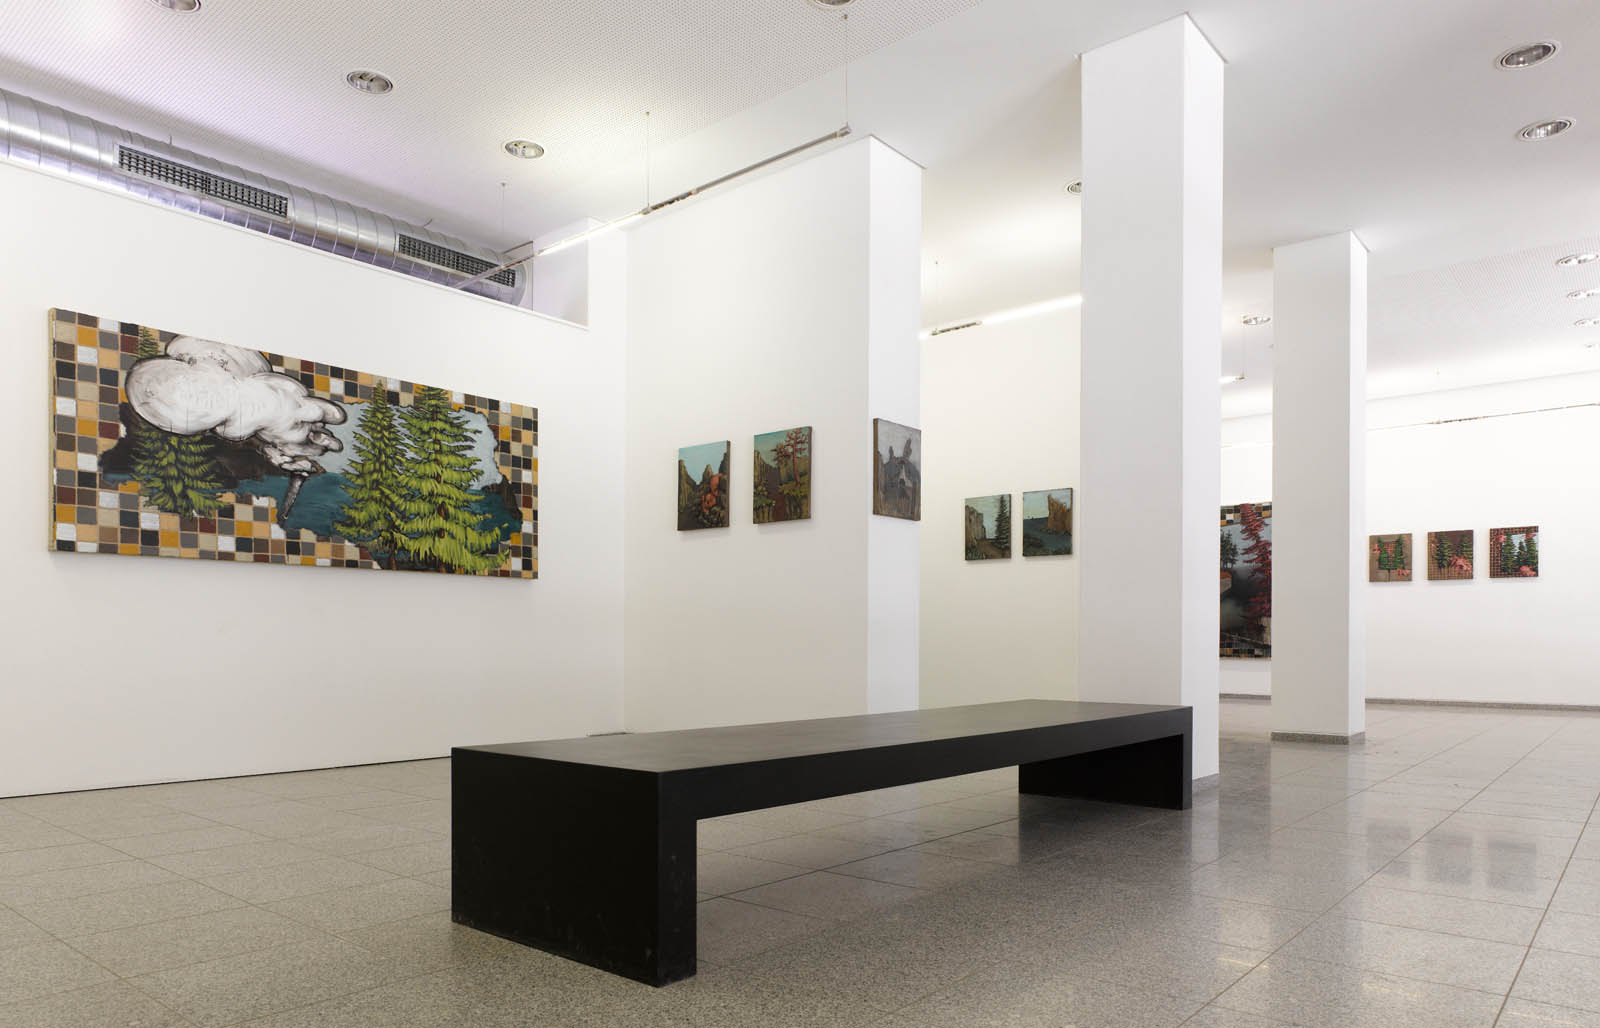 Timo Ausstellung 00023 - Timo Meyer: ein Künstler und seine Kunst